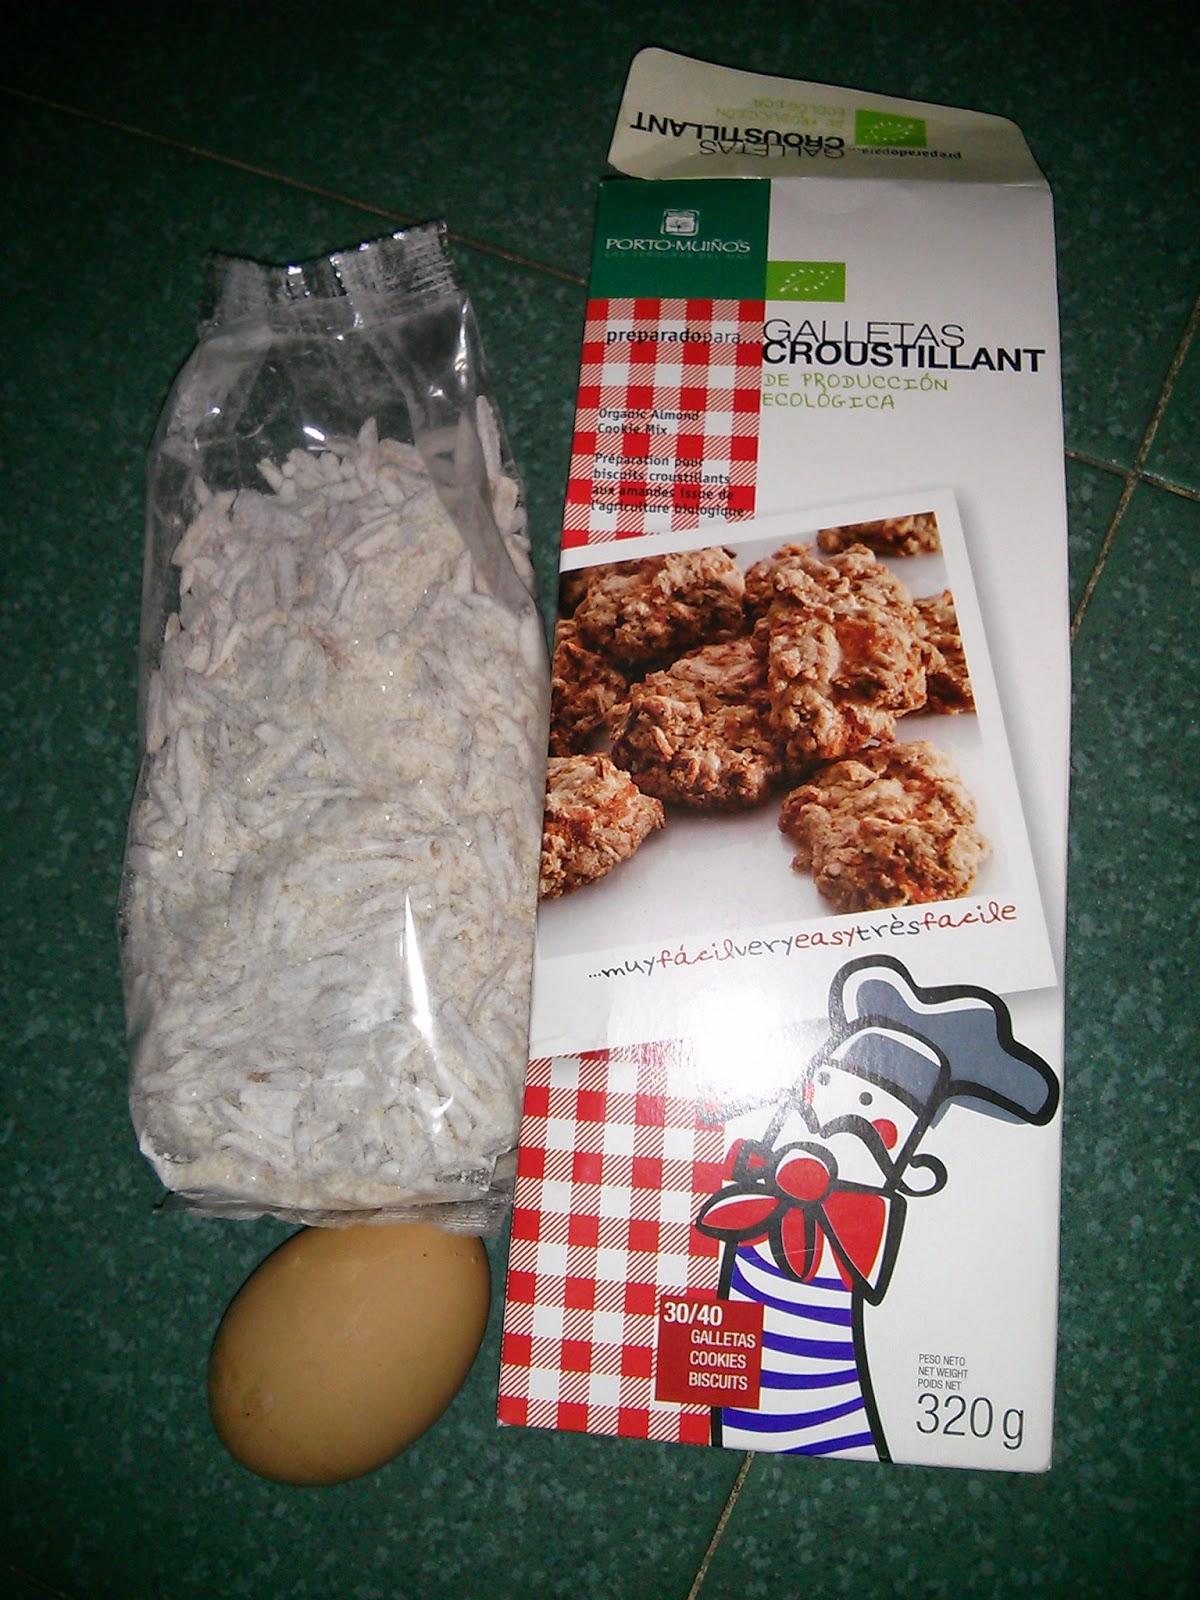 Galletas Croustillant ecológicas